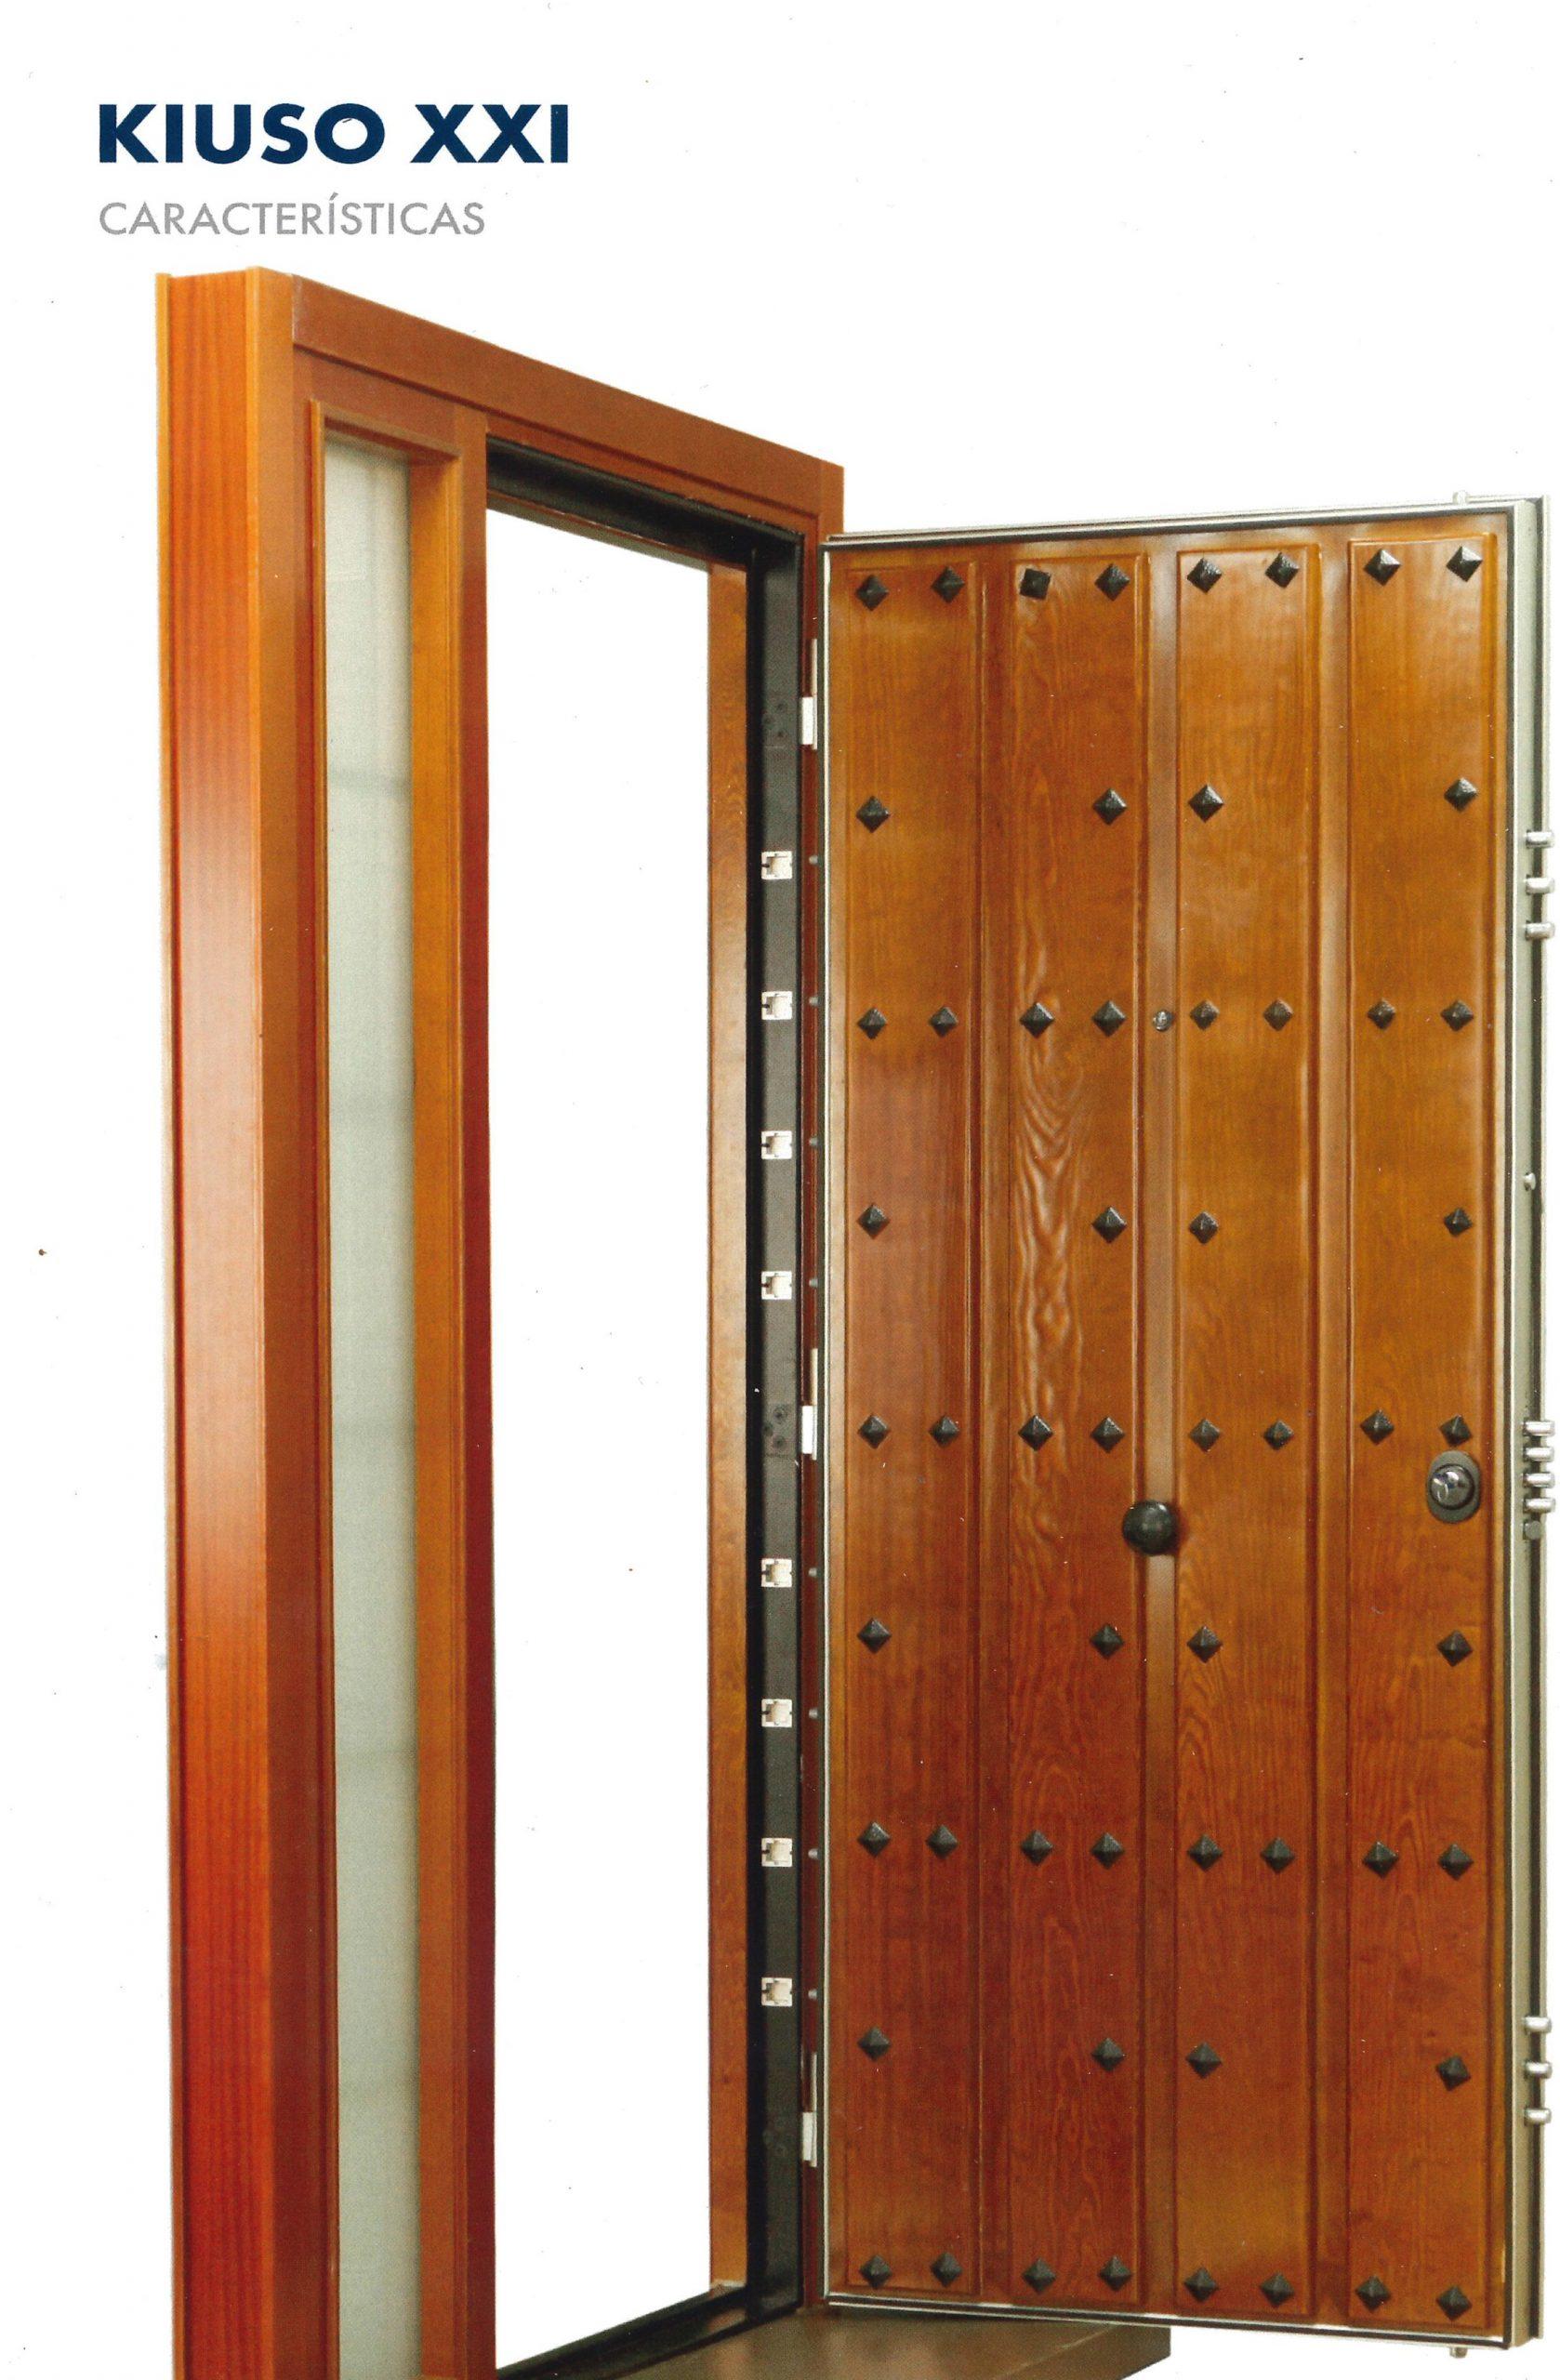 puerta-kiuso-XXI